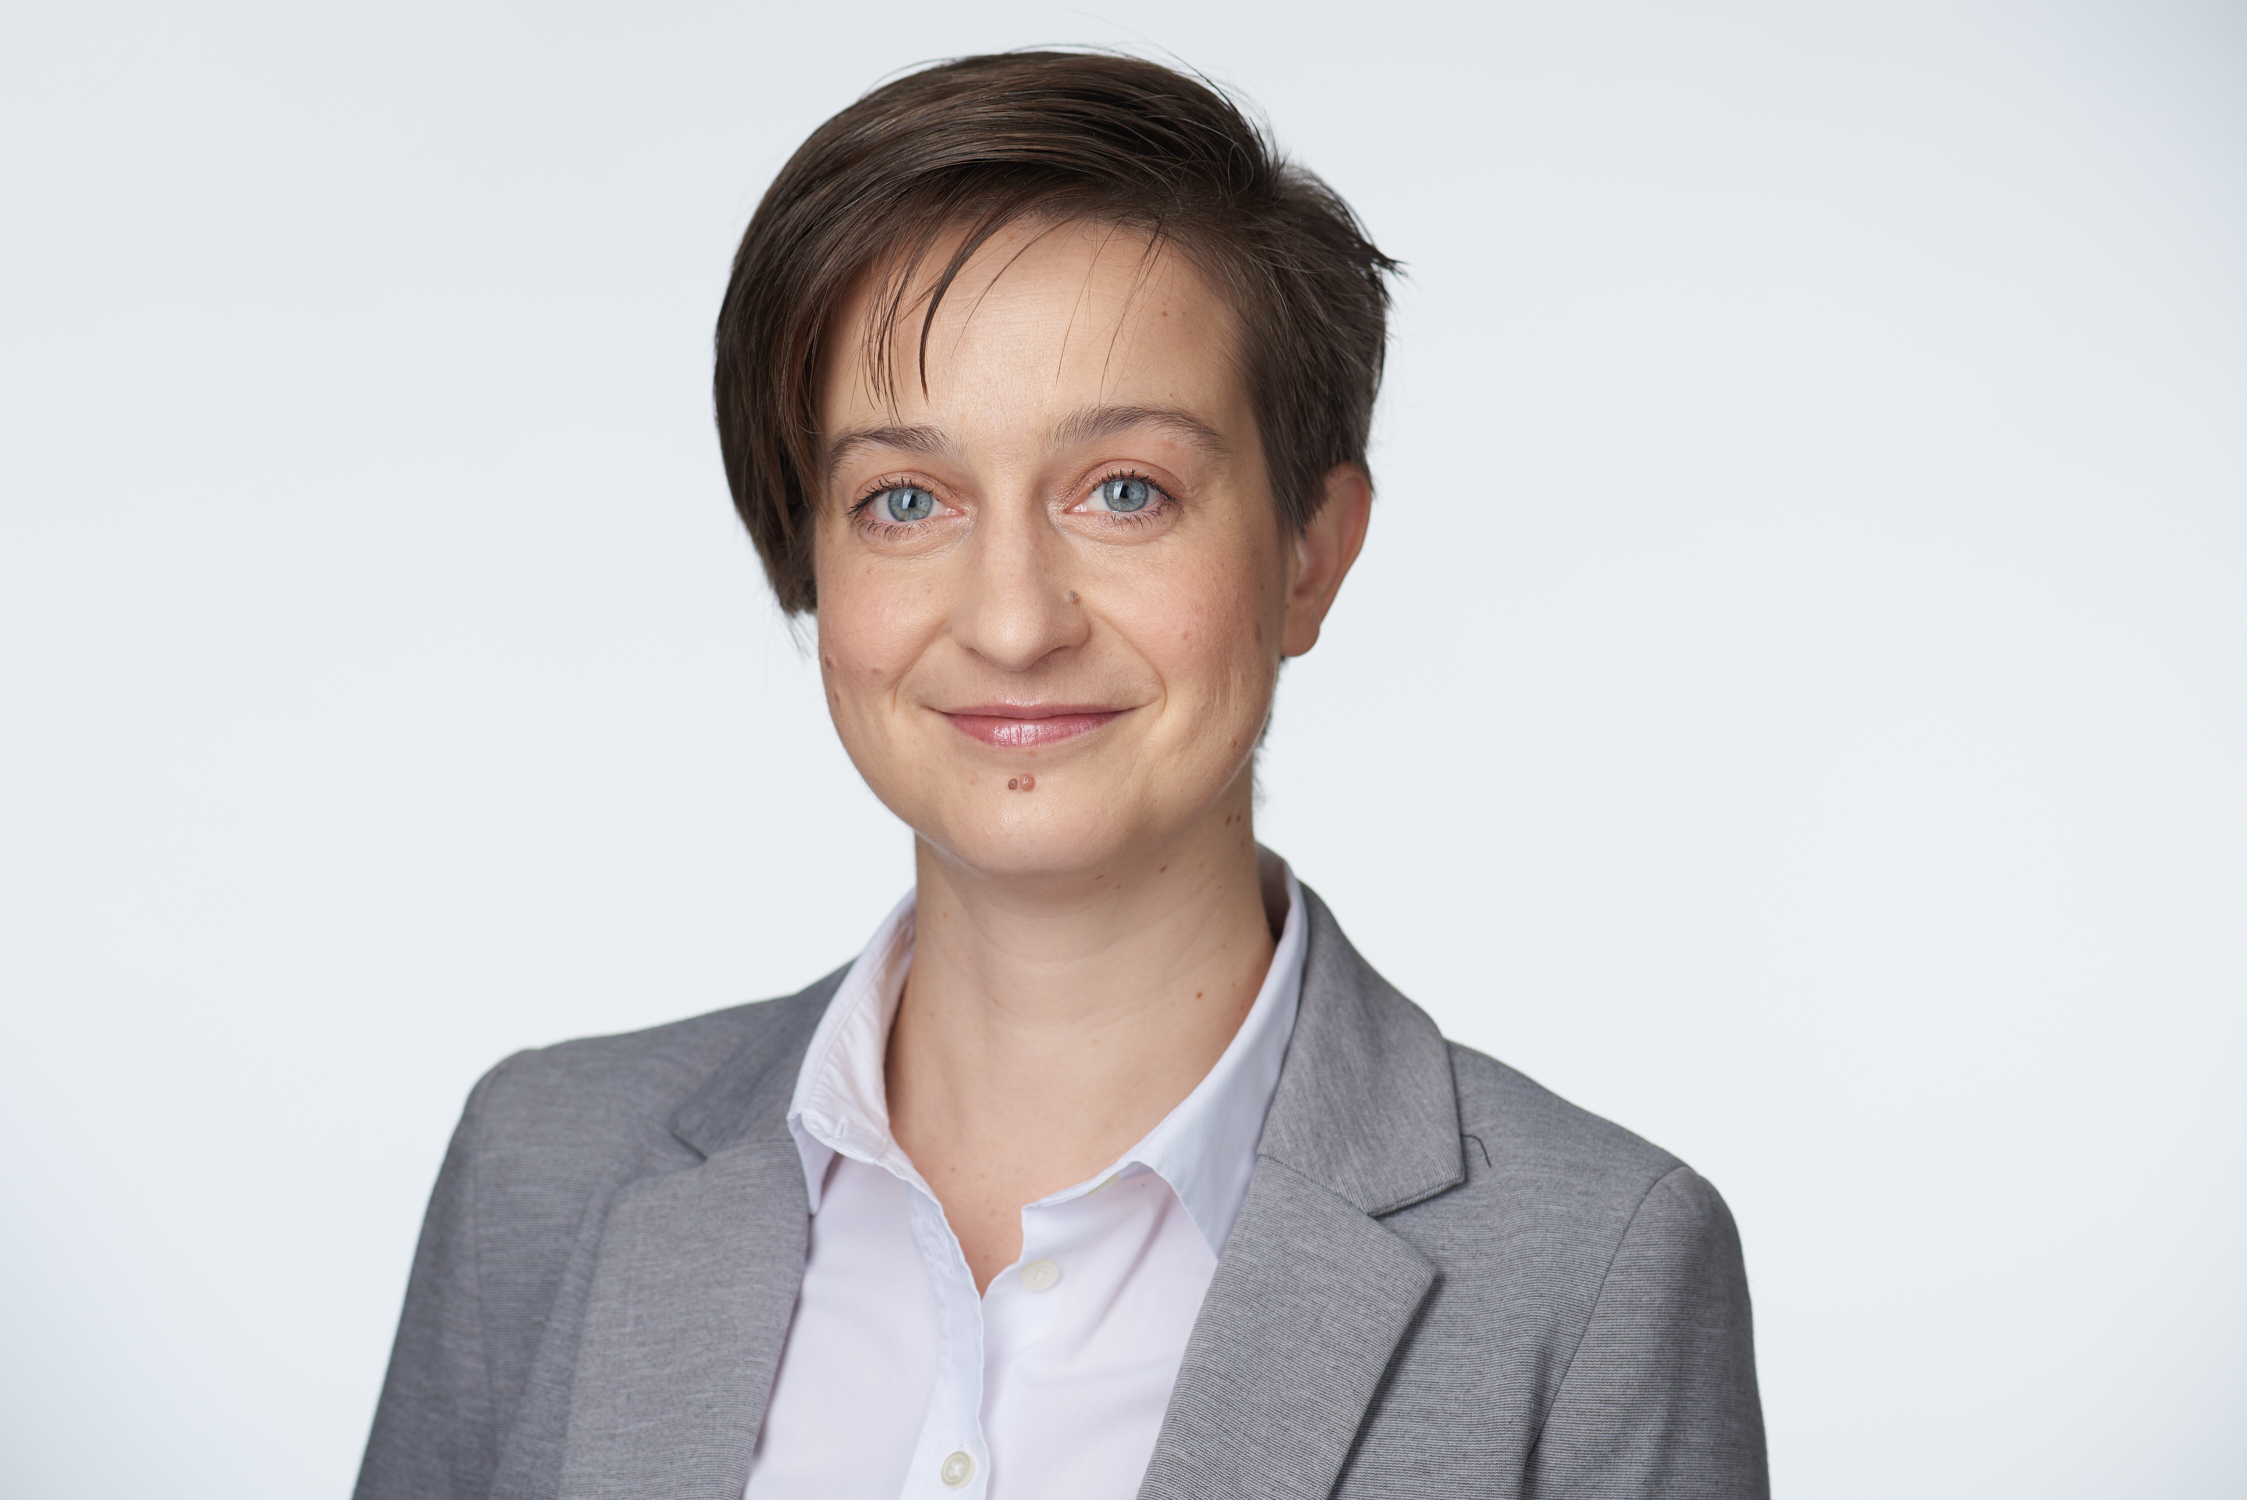 dr. Kricskovics-Béli Boglárka